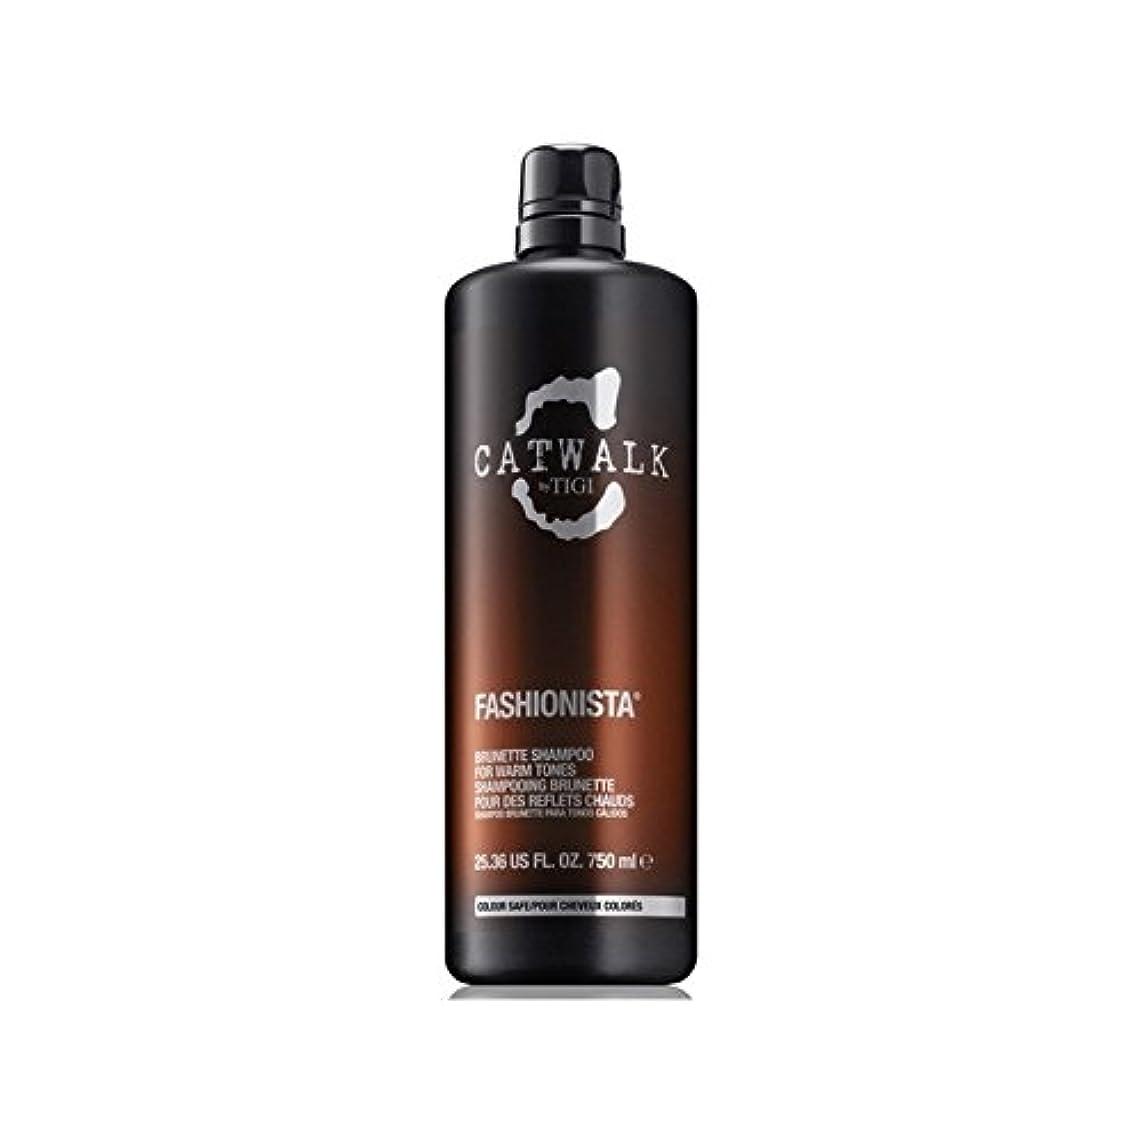 事実上間隔開発するティジーキャットウォークファッショニスタのブルネットのシャンプー(750ミリリットル) x2 - Tigi Catwalk Fashionista Brunette Shampoo (750ml) (Pack of 2) [並行輸入品]